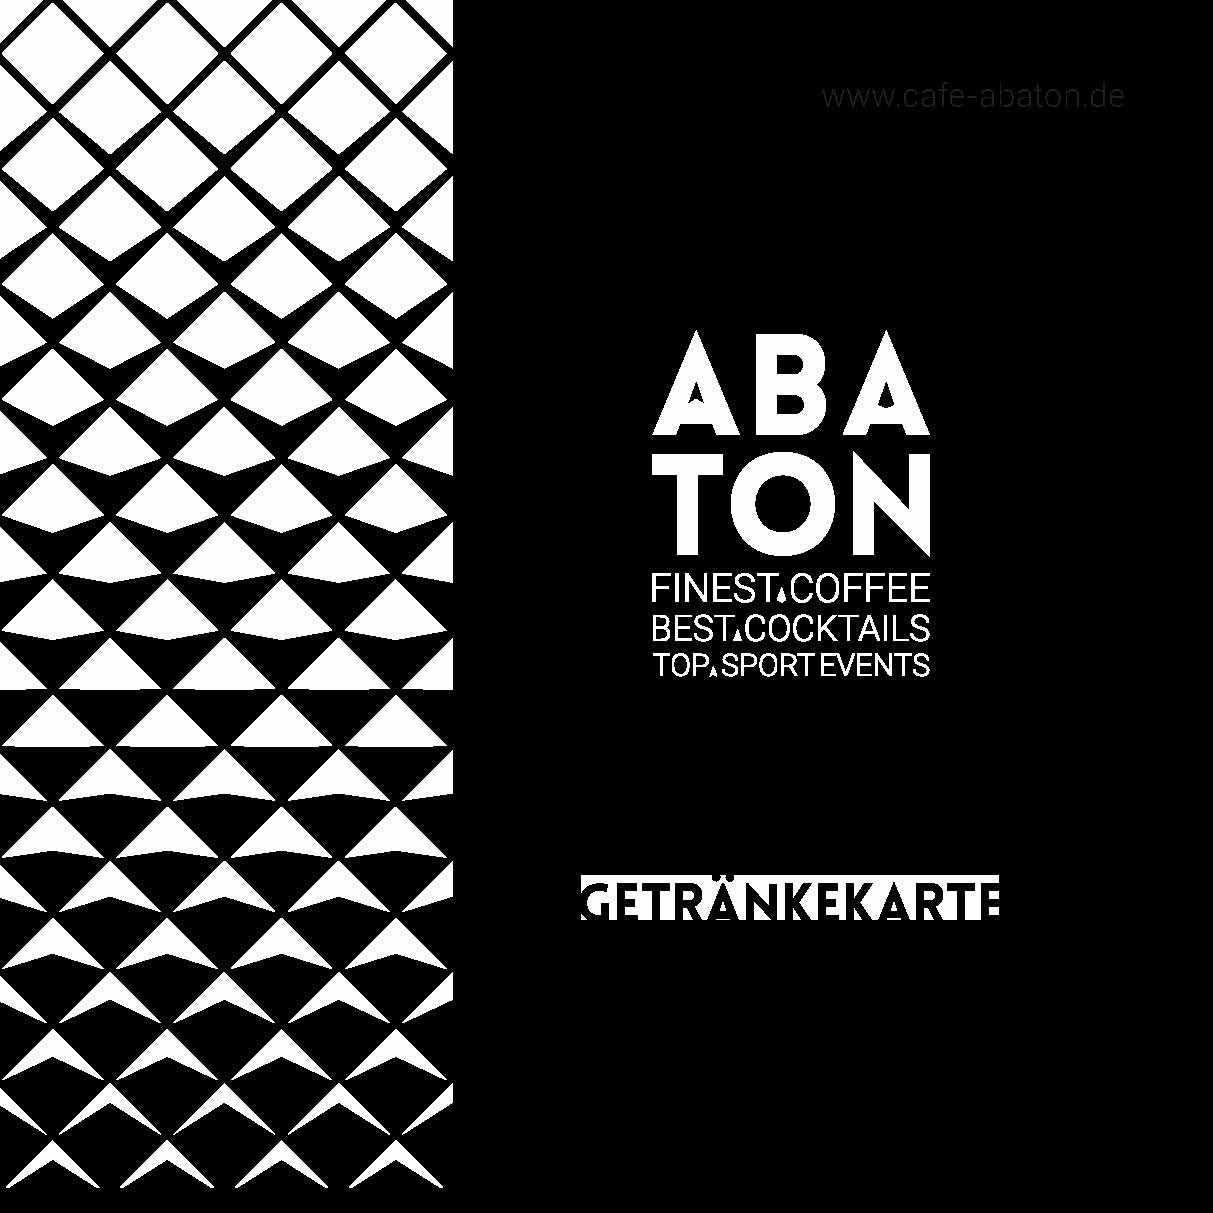 ABATON MENU_Seite_01